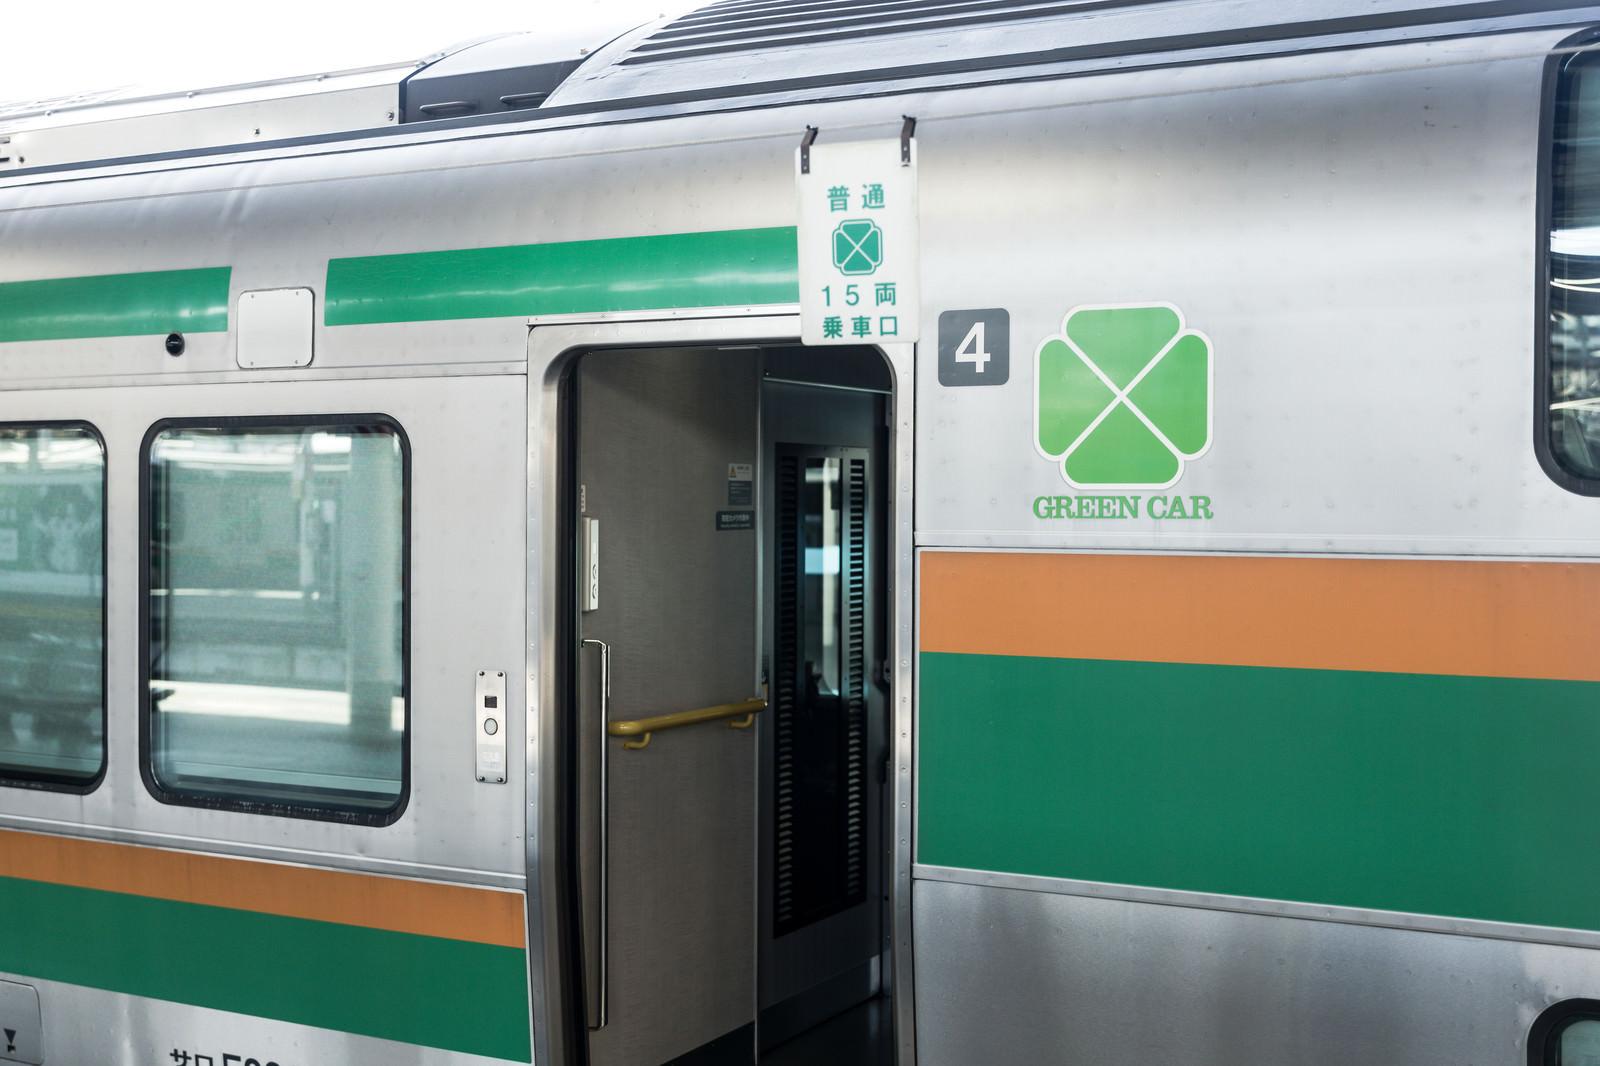 「GREEN CAR(グリーン車)」の写真